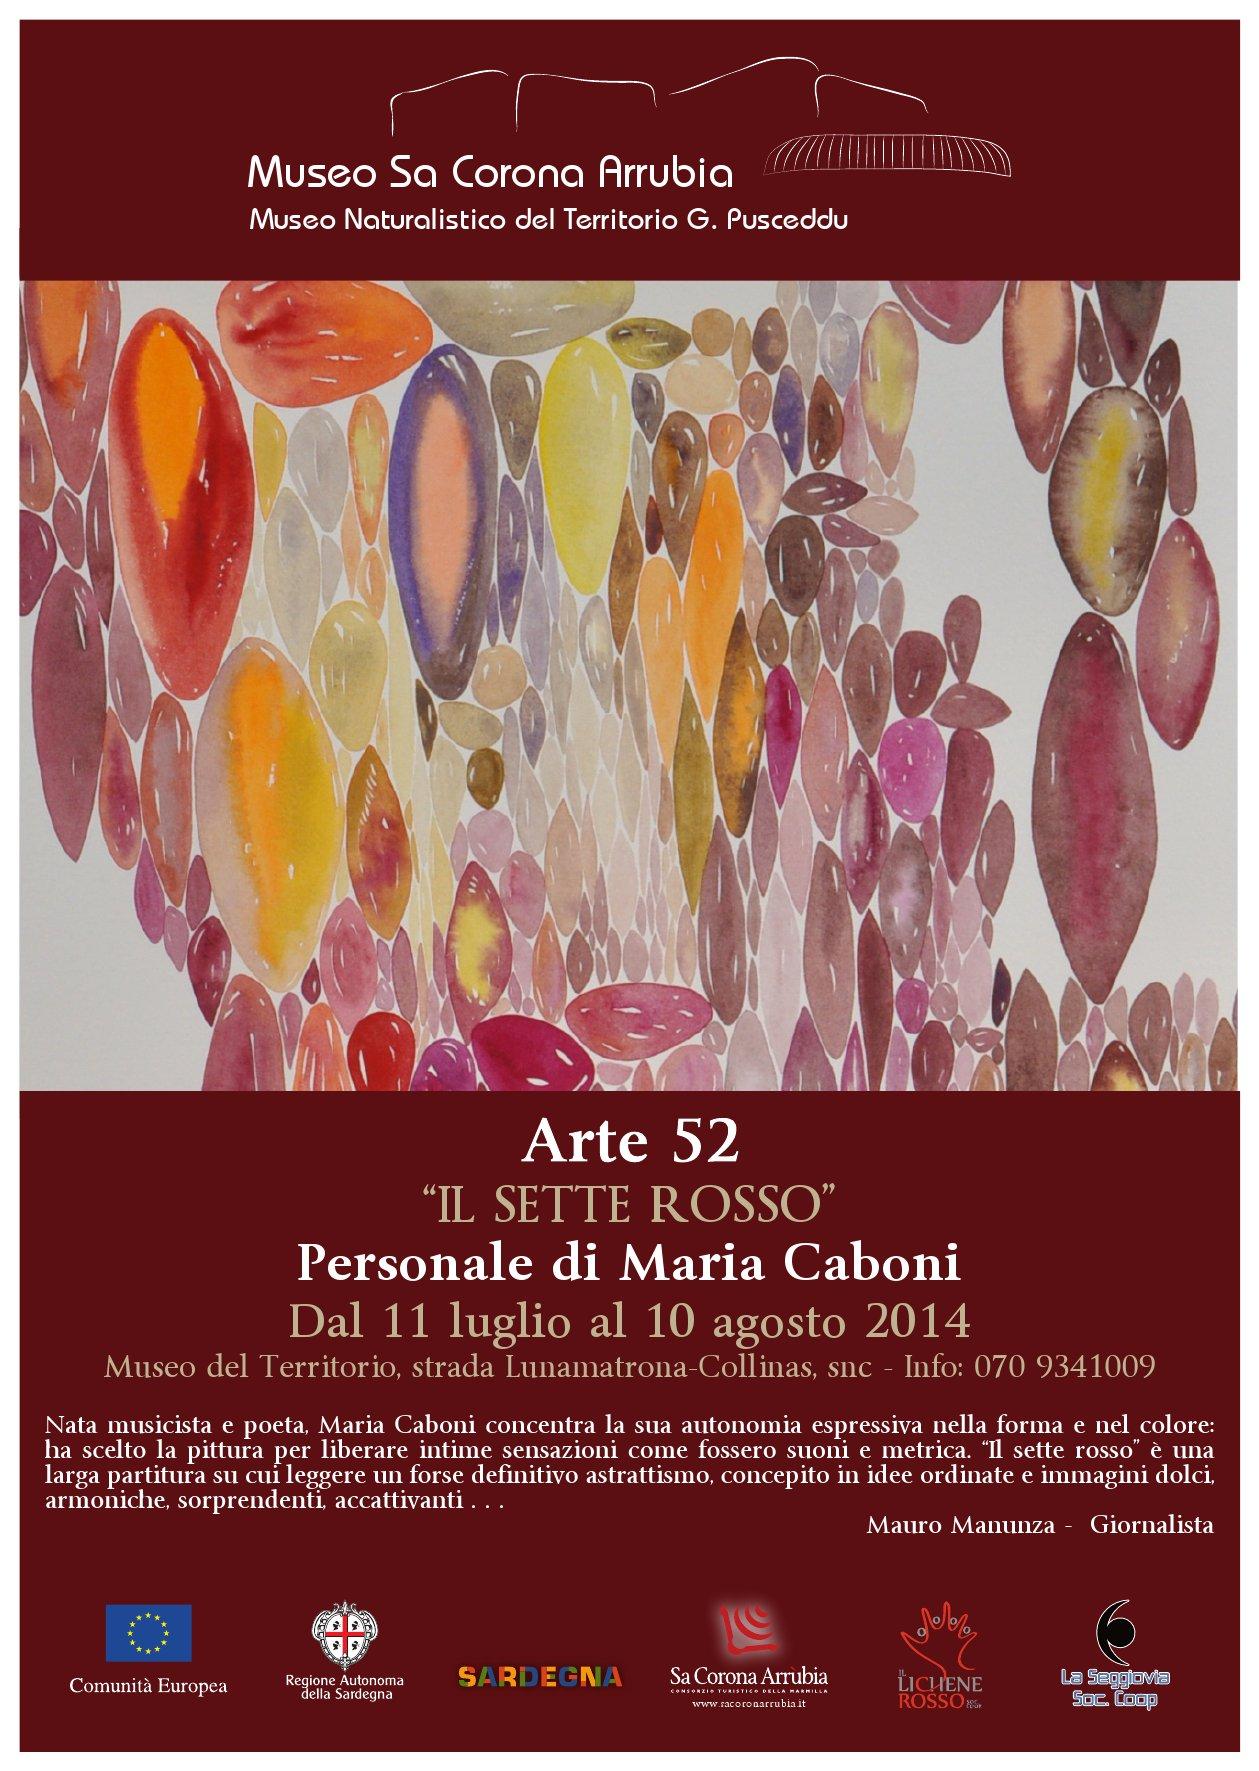 """Dal 11 luglio al 10 agosto 2014 Personale di Maria Caboni """"IL SETTE ROSSO"""" al Museo naturalistico del territorio """"G. Pusceddu"""" Strada Lunamatrona-Collinas"""